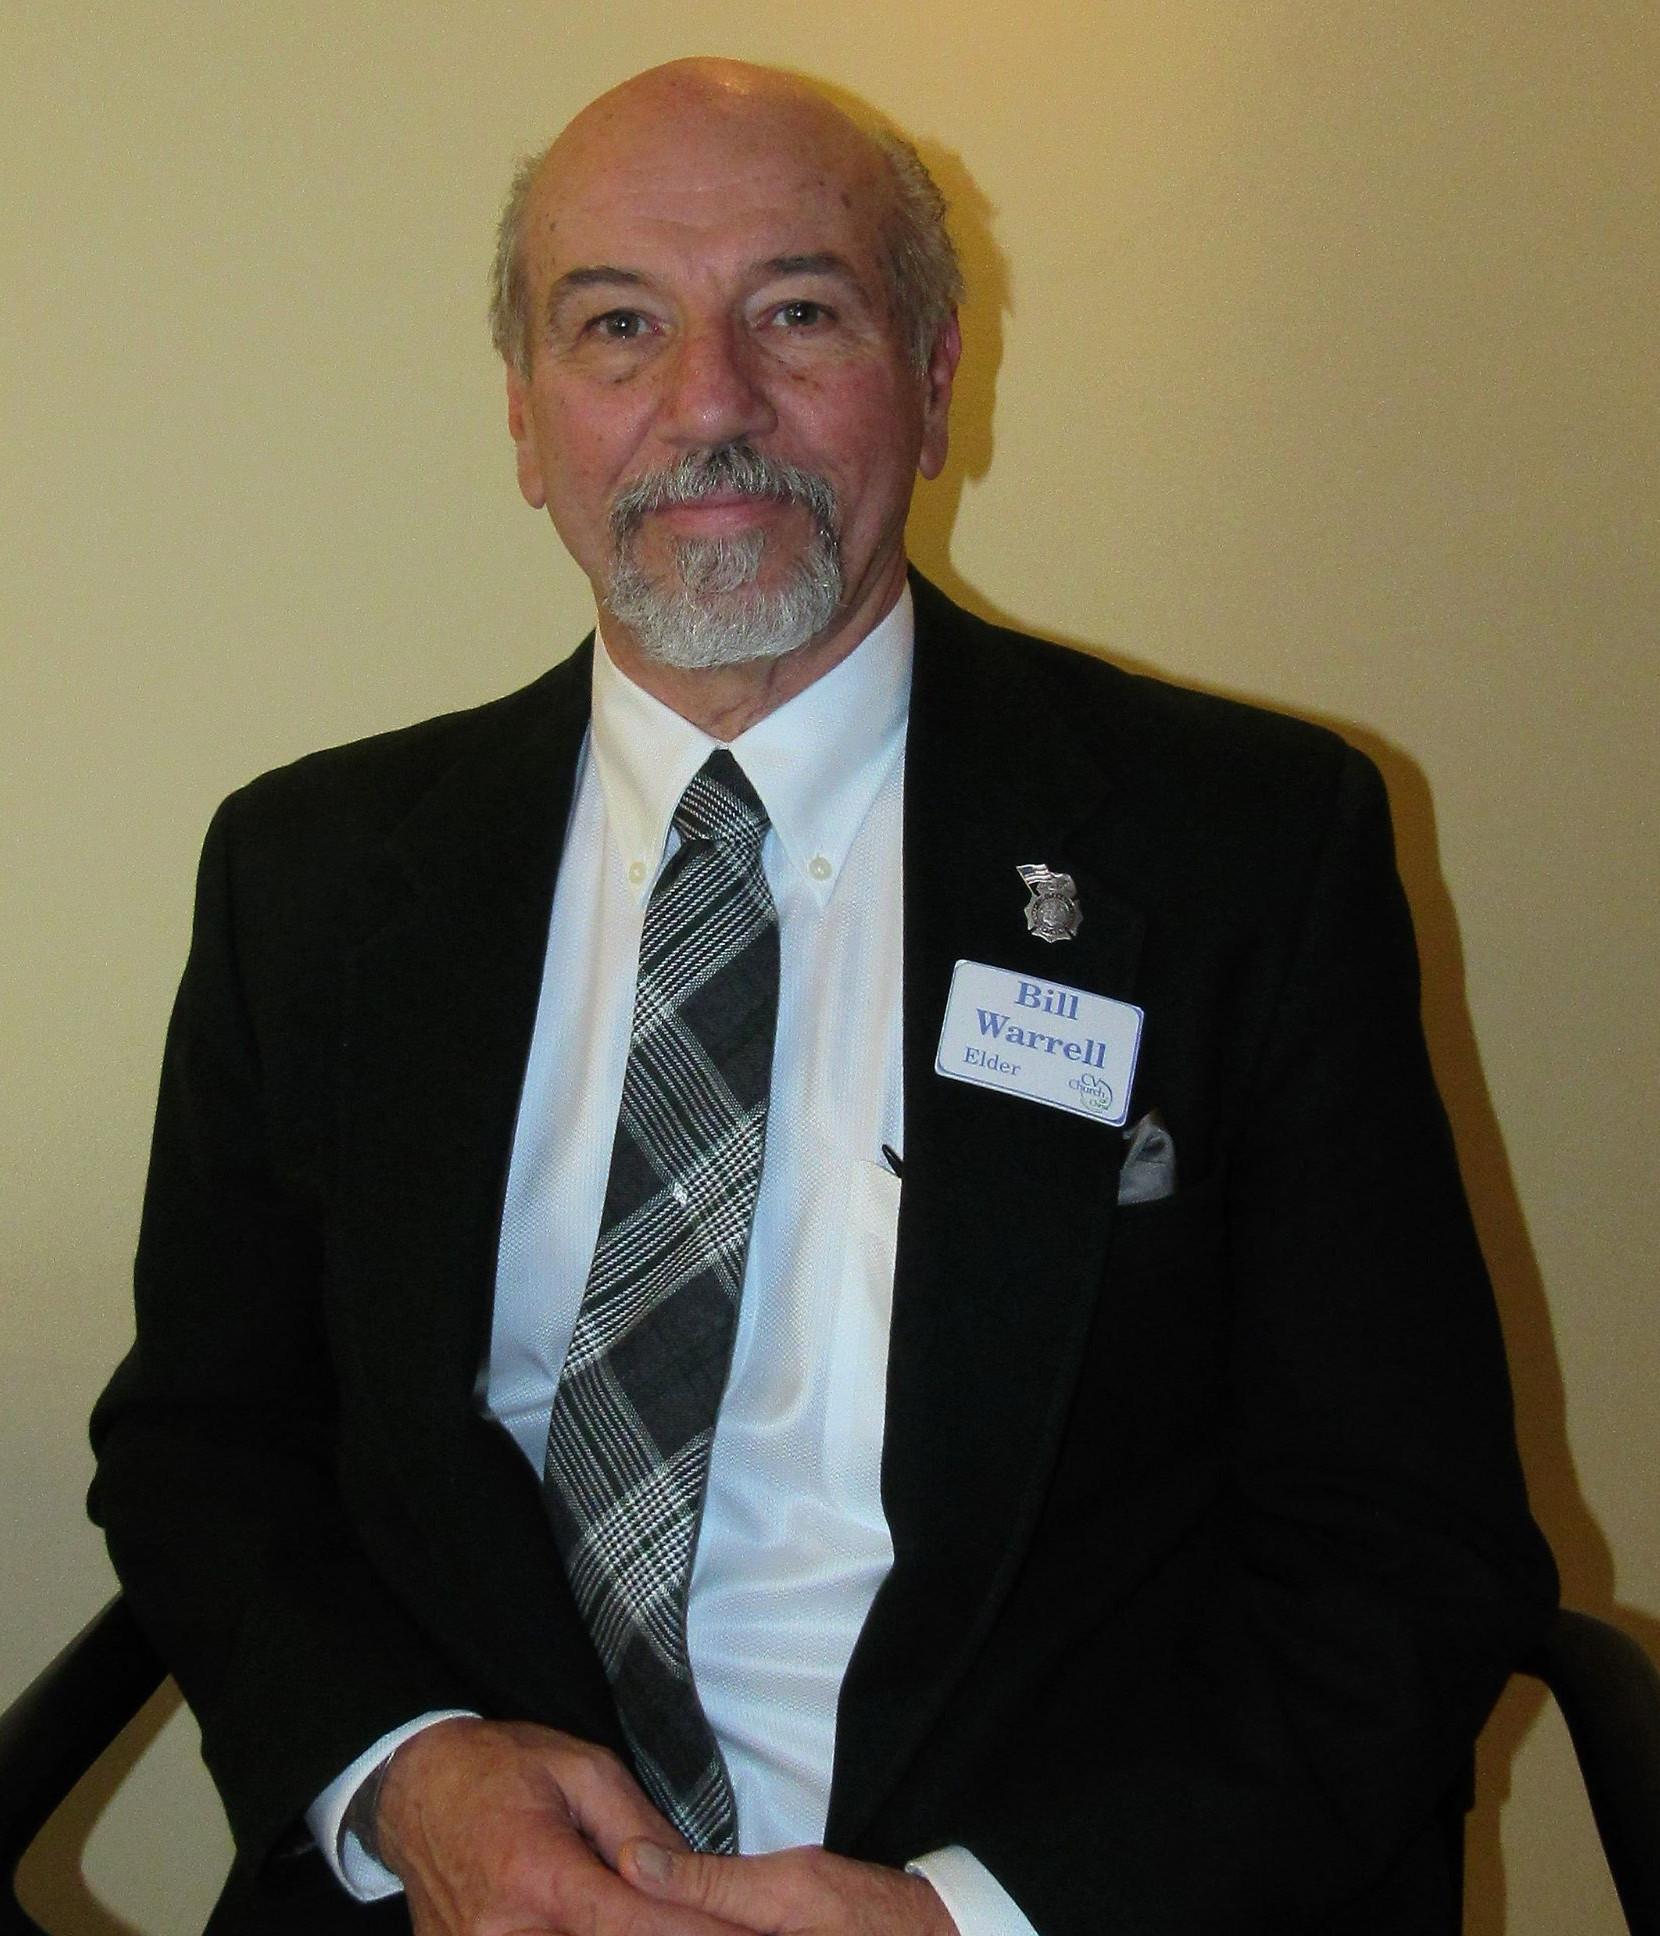 Bill Warrell